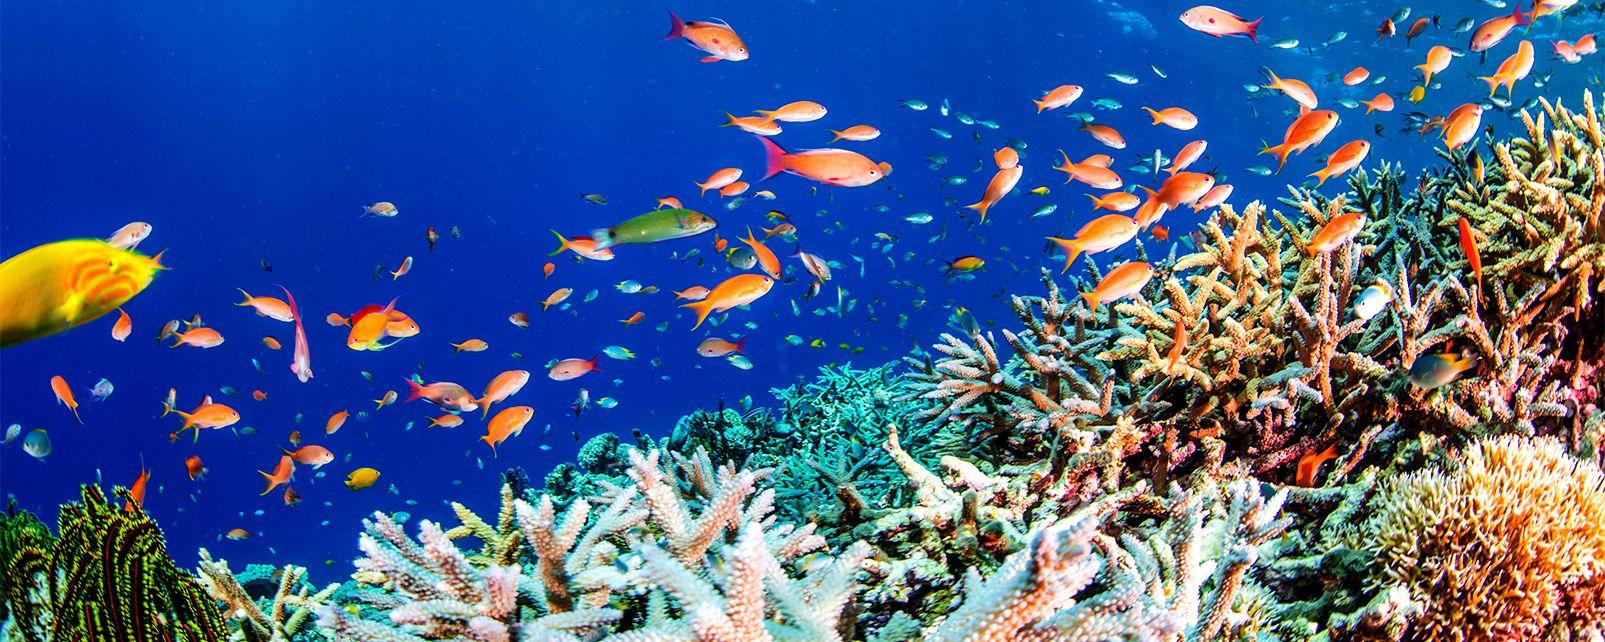 Pesce pagliaccio e anemone, Le immersioni, Le rive, Marsa Alam, Egitto